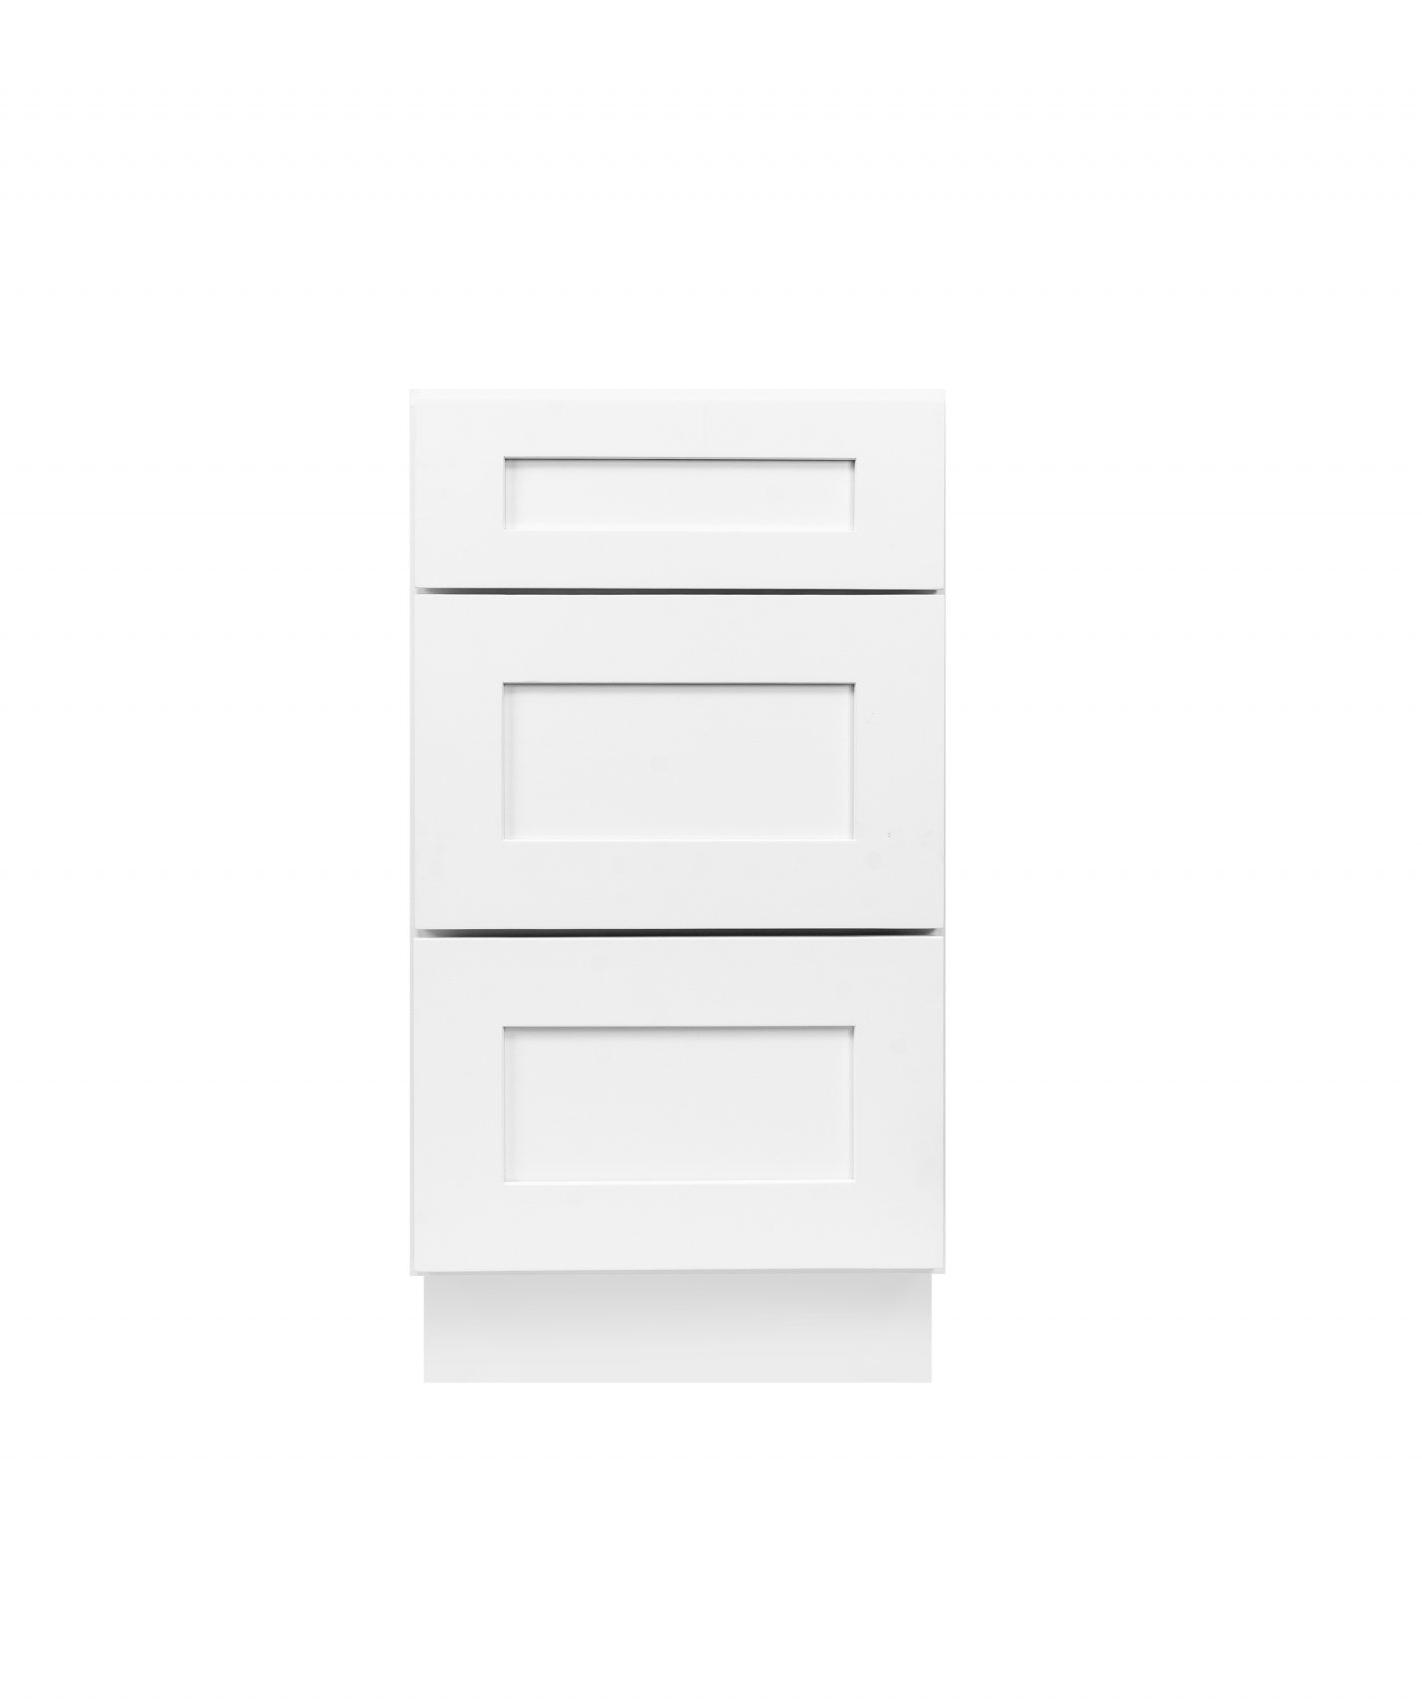 White Shaker Cabinetry DB12, DB15, DB18, DB21, DB24, DB30, DB36